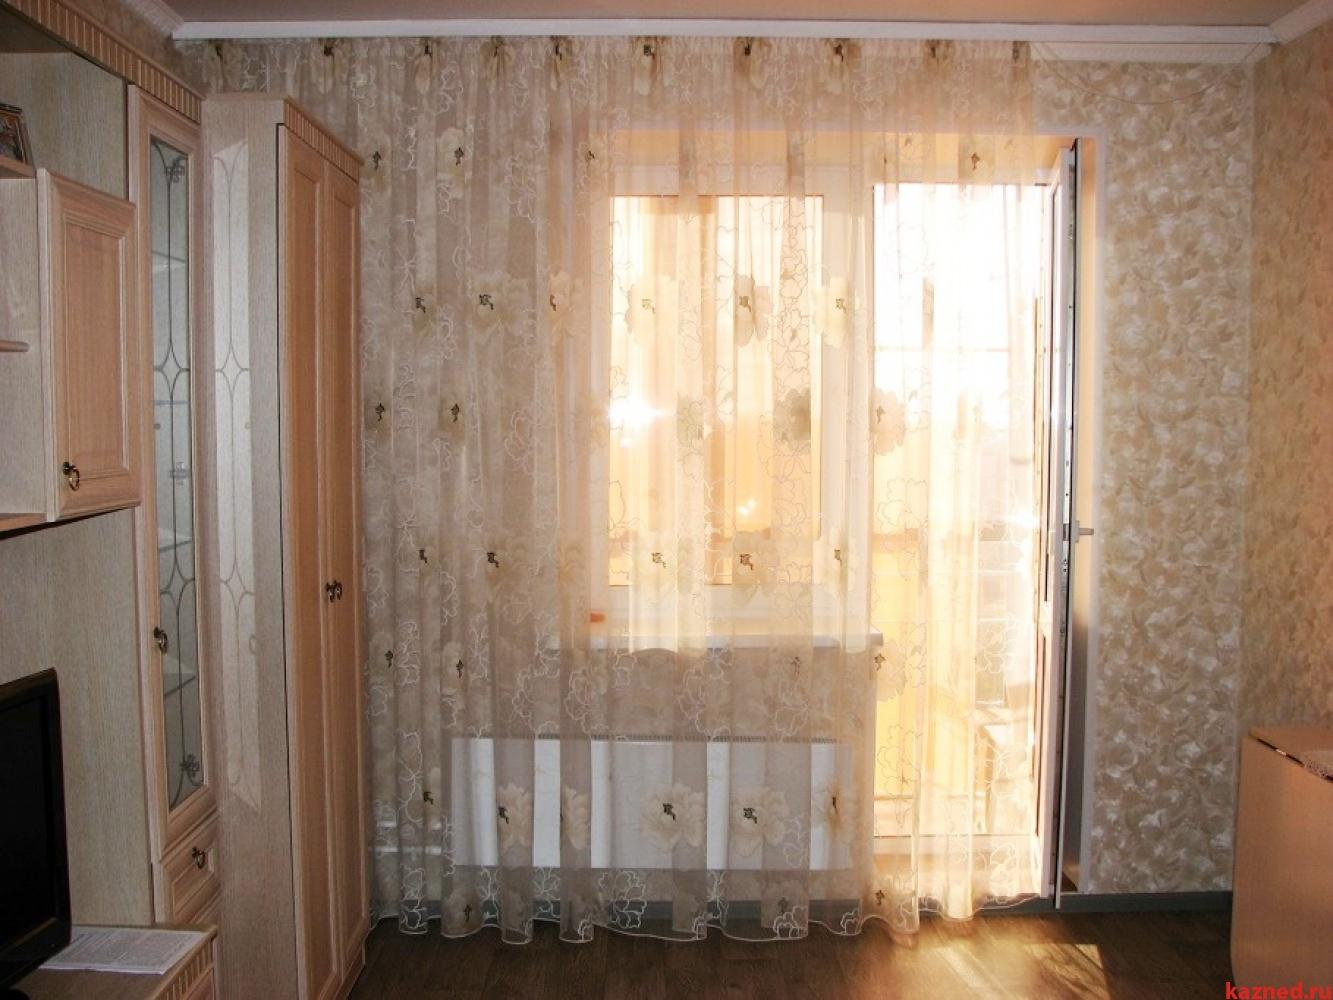 Продажа 2-к квартиры Альберта Камалеева,16, 54 м² (миниатюра №3)